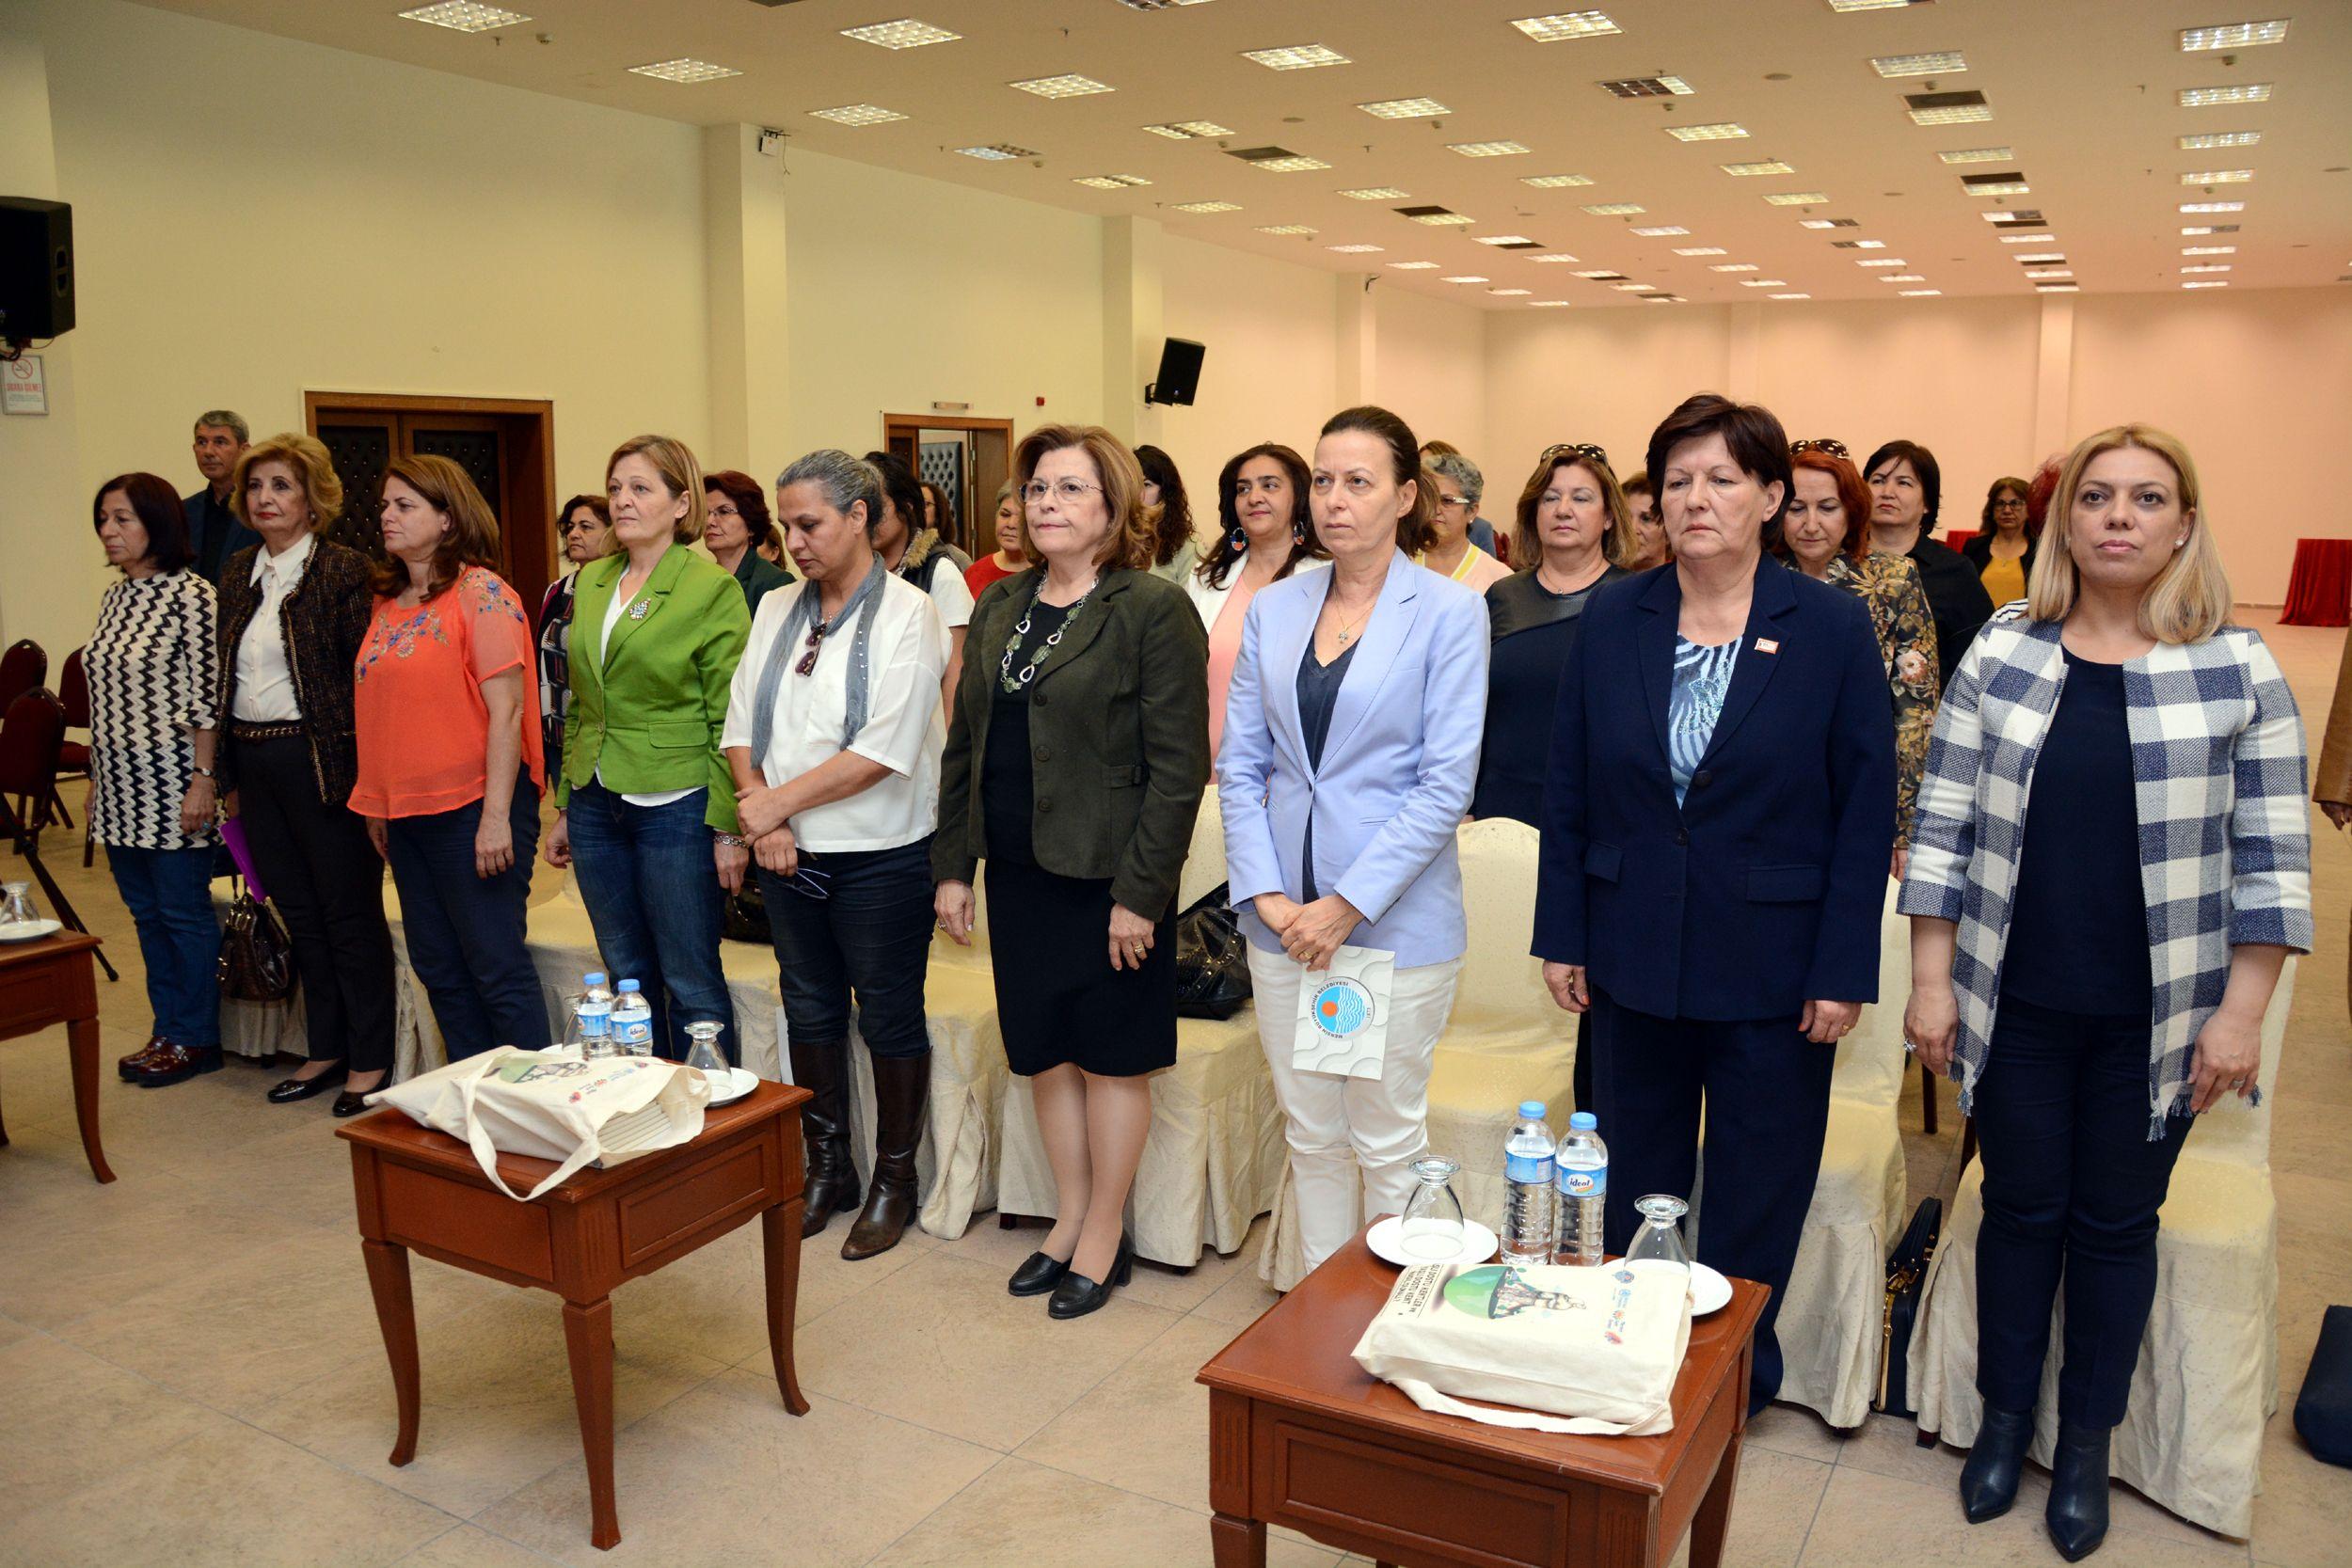 Kadın ve Siyaset Komisyonu Mahalleden Meclise, Heryerde Eşit Temsil